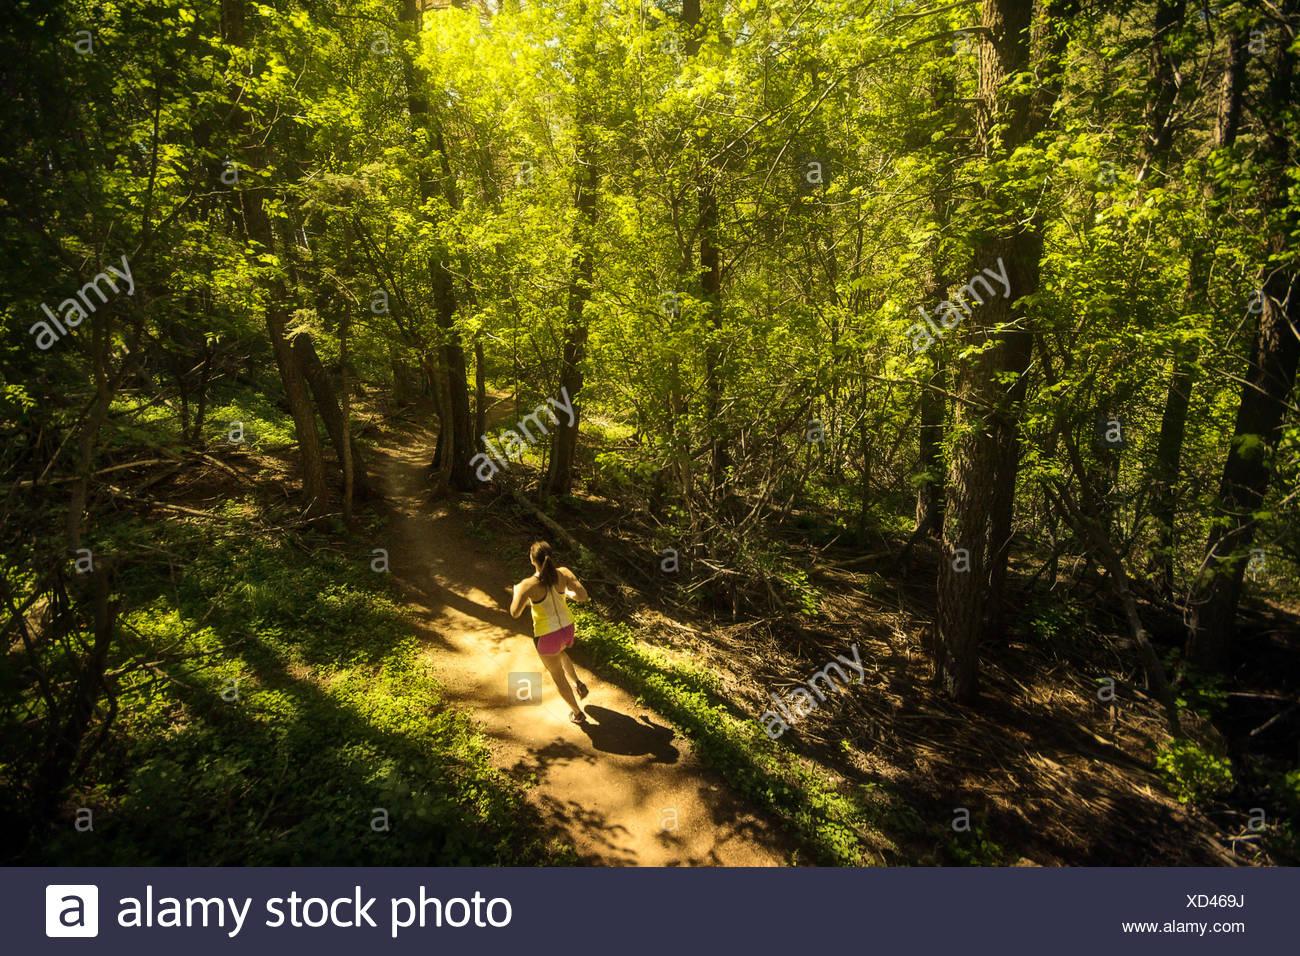 Stati Uniti d'America, Colorado, Golden, Donna corsa su sentiero attraverso la foresta Immagini Stock